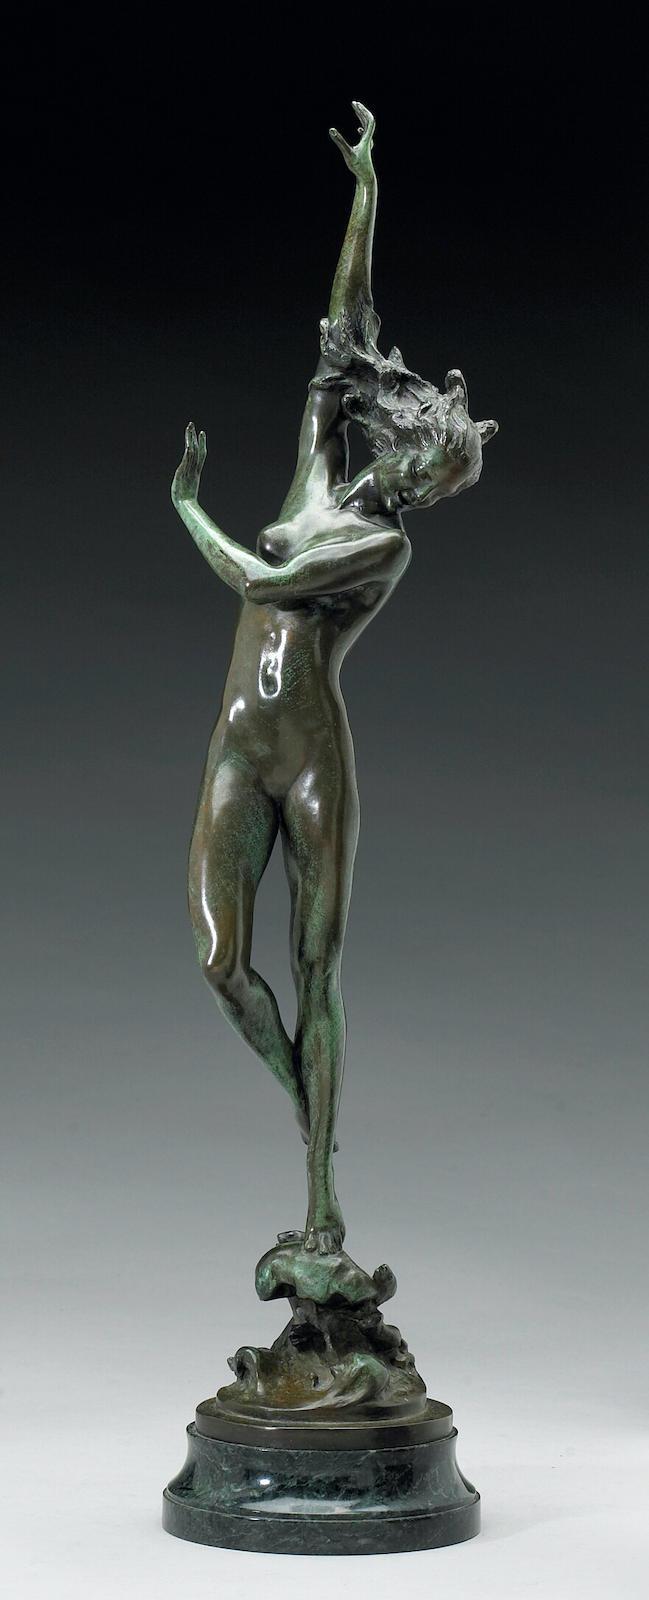 """Historischer Vorläufer """"Crest of the Wave"""" der amerikanischen Bildhauerin Harriet Whitney Frishmuth  aus dem Jahr 1925."""